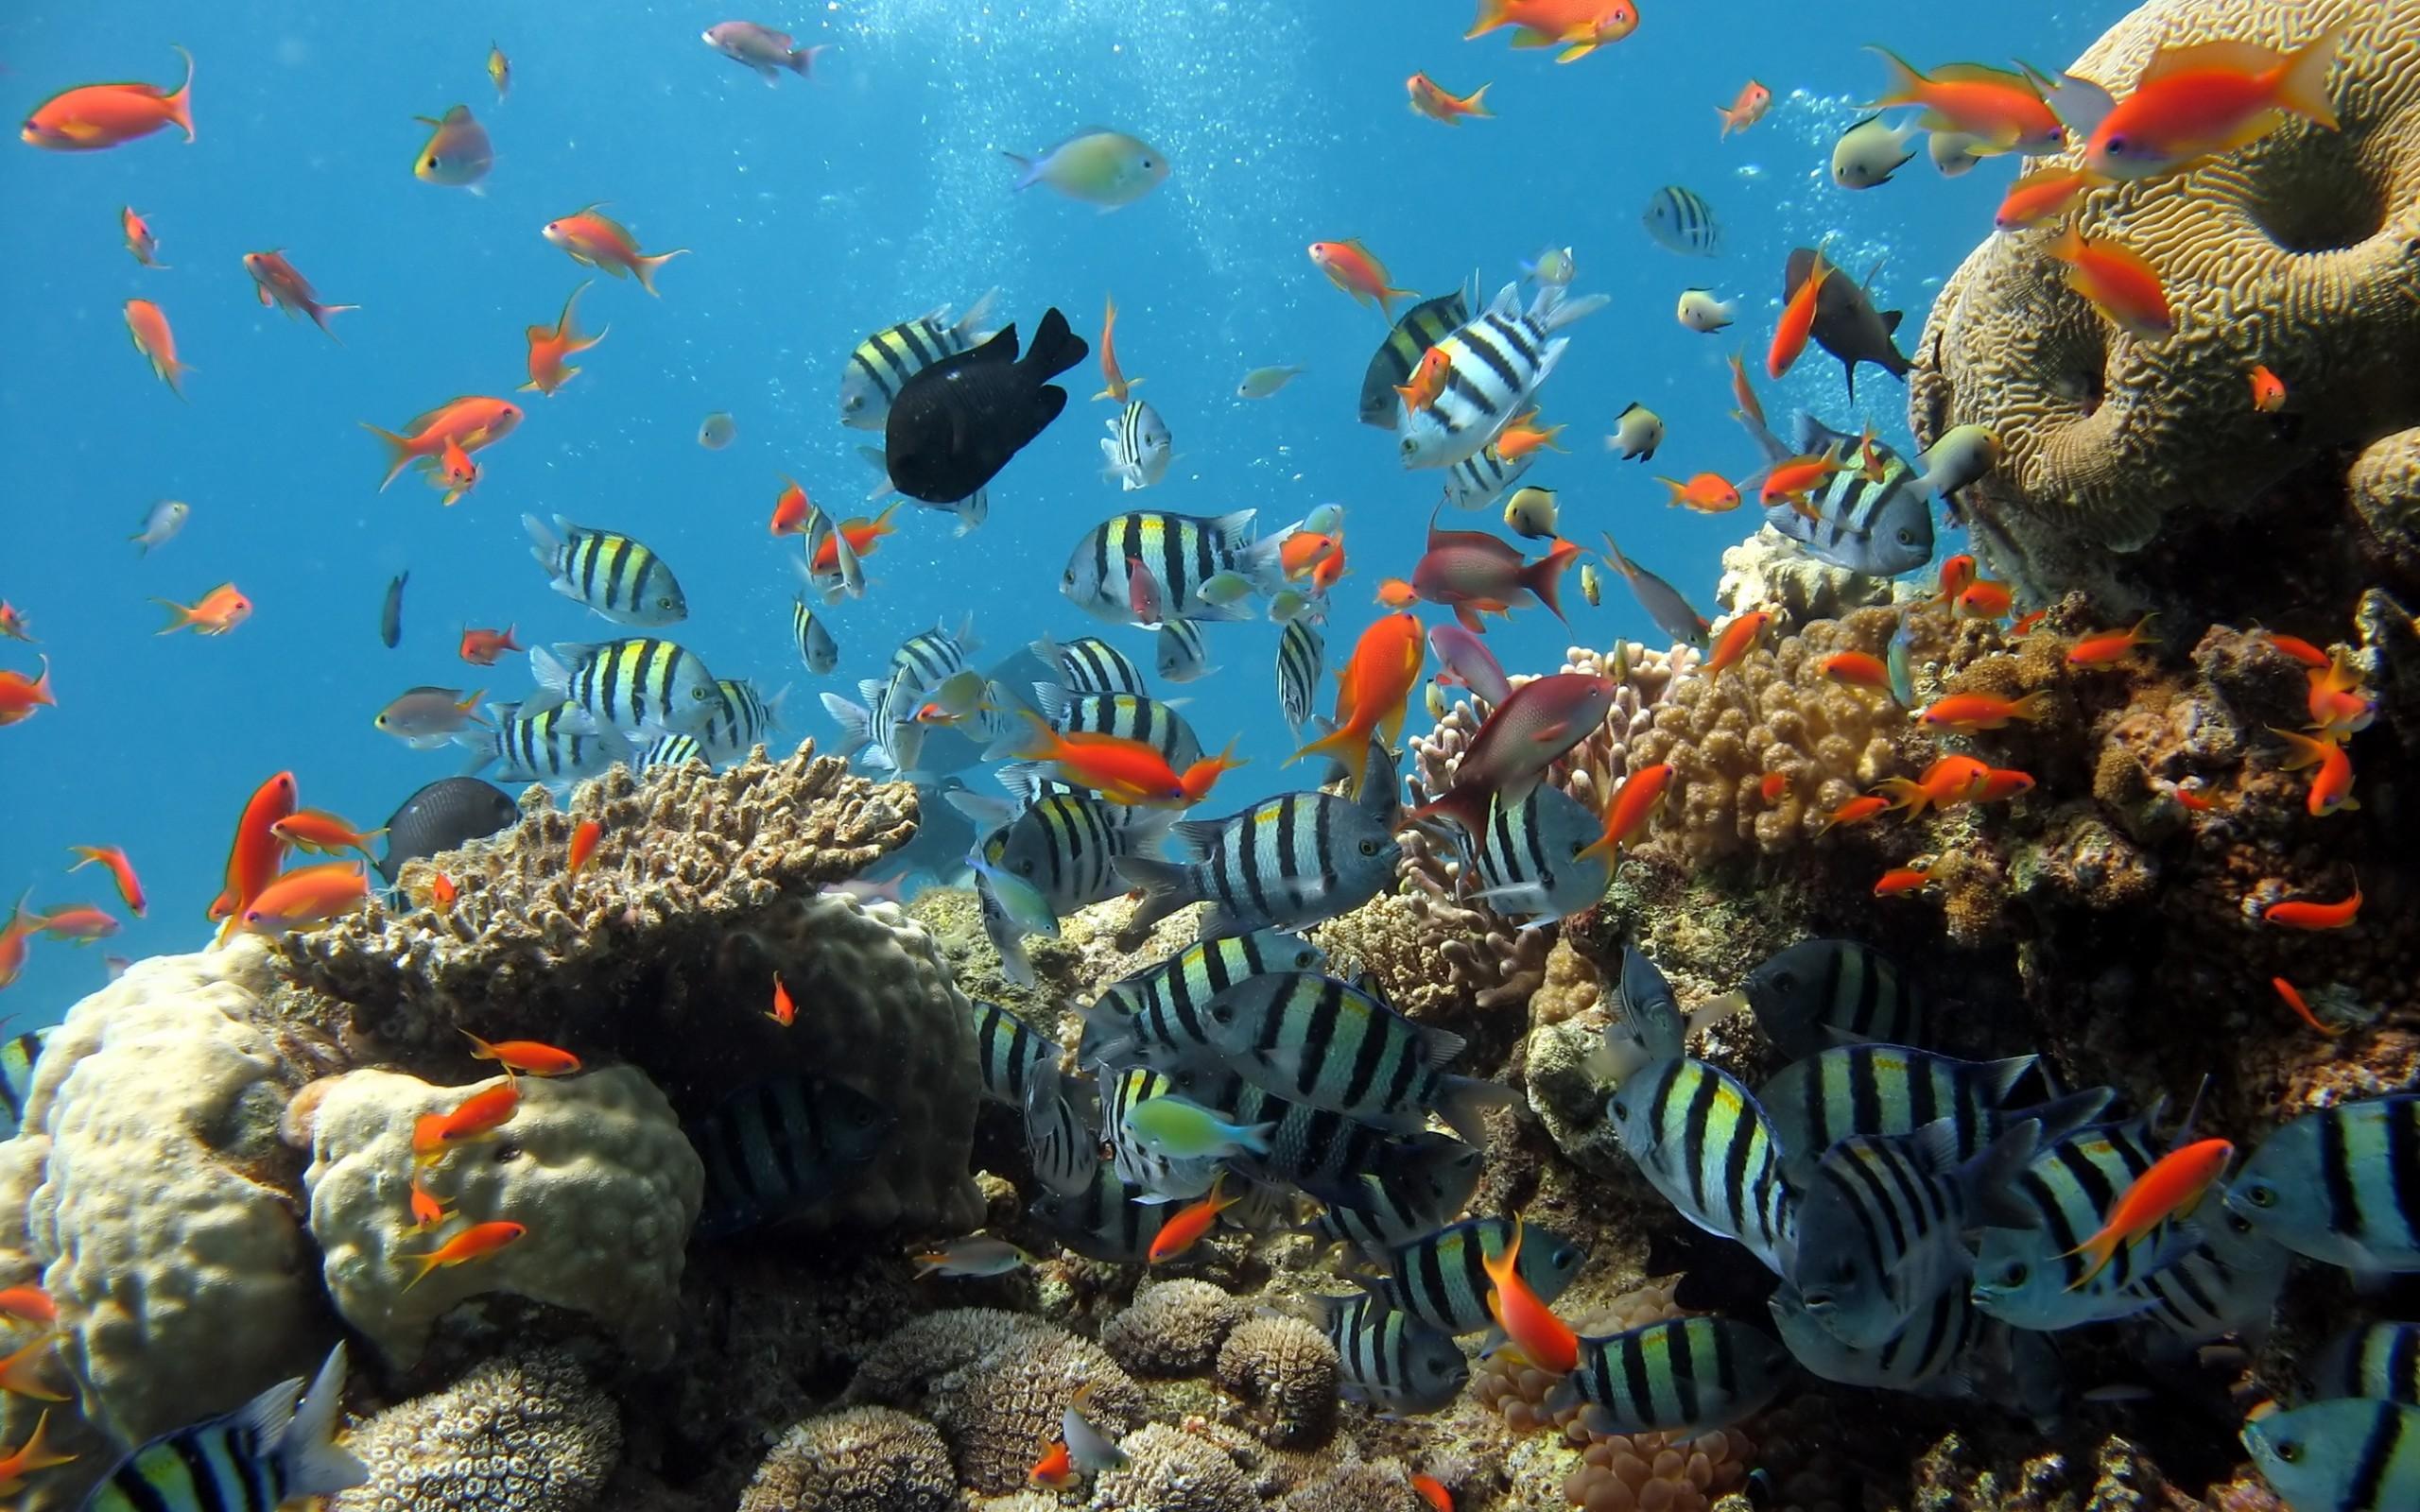 Aquarium Fishi 922   HD Desktop Wallpaper HD Wallpapers 2560x1600